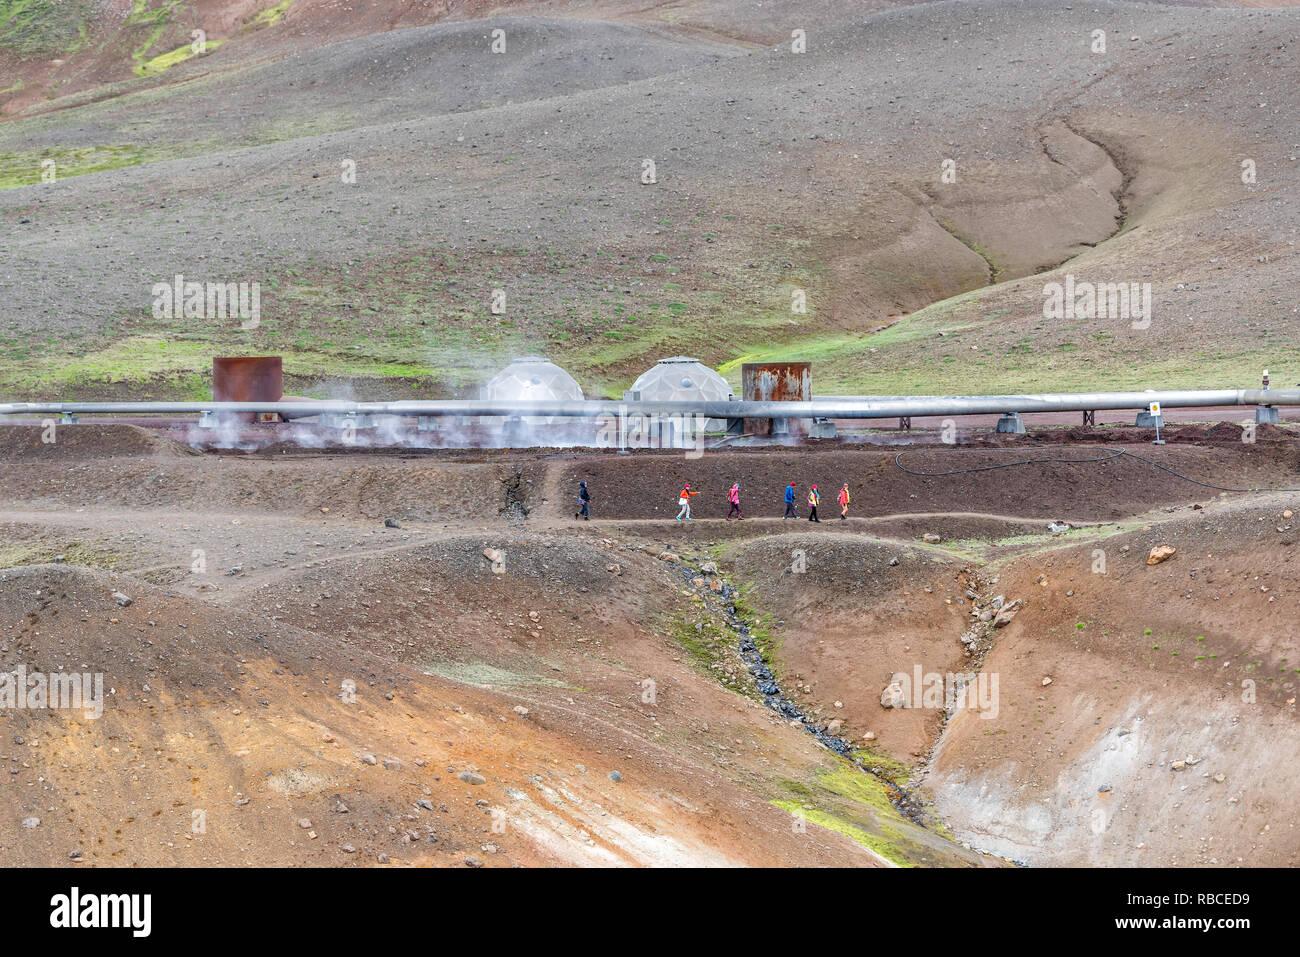 Krafla, Islanda - 16 Giugno 2018: Kroflustod Power Station in prossimità di Vulcano e del Lago Myvatn utilizzando energia geotermica con vapore e la gente gli escursionisti vicino Immagini Stock